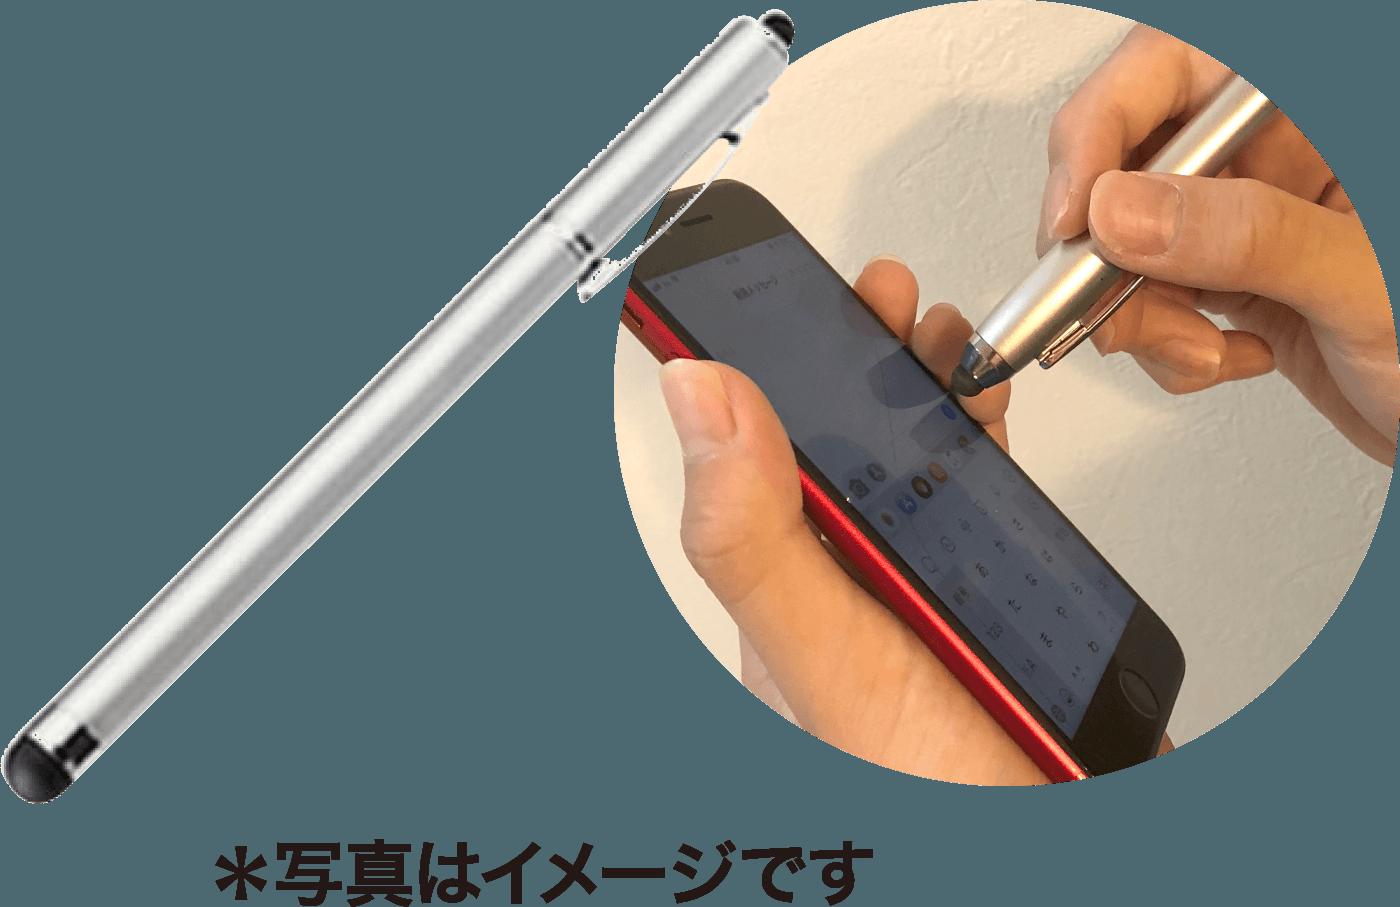 タッチペン付きボールペン ※写真はイメージです